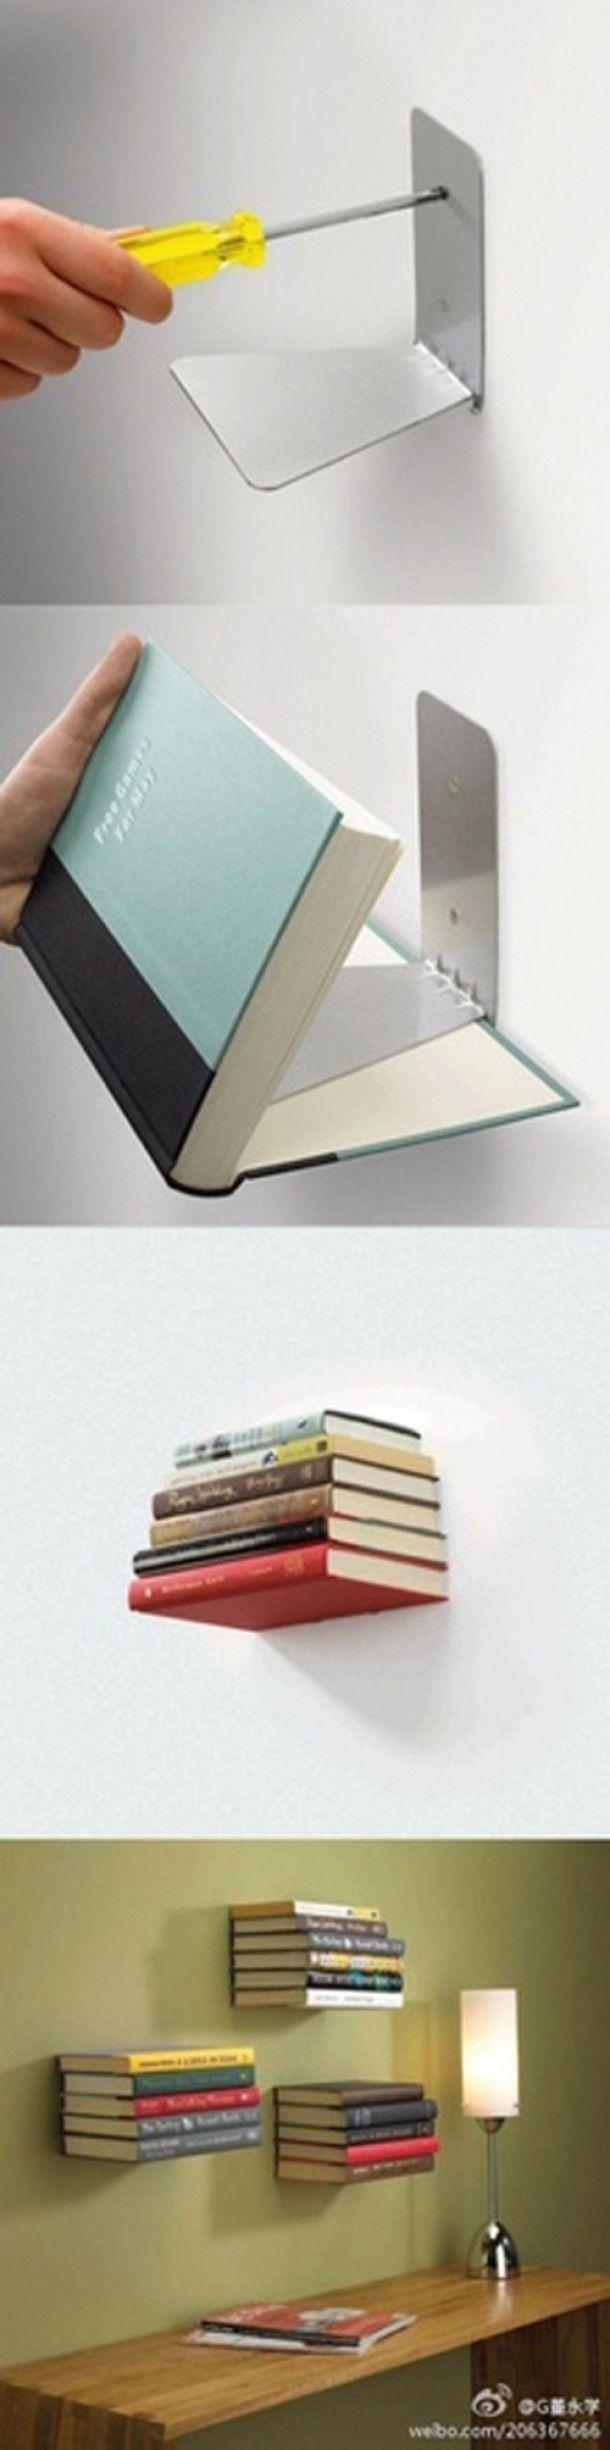 Bekijk 'Onzichtbare boekenplank' op Woontrendz ♥ Dagelijks woontrends ontdekken en wooninspiratie opdoen!